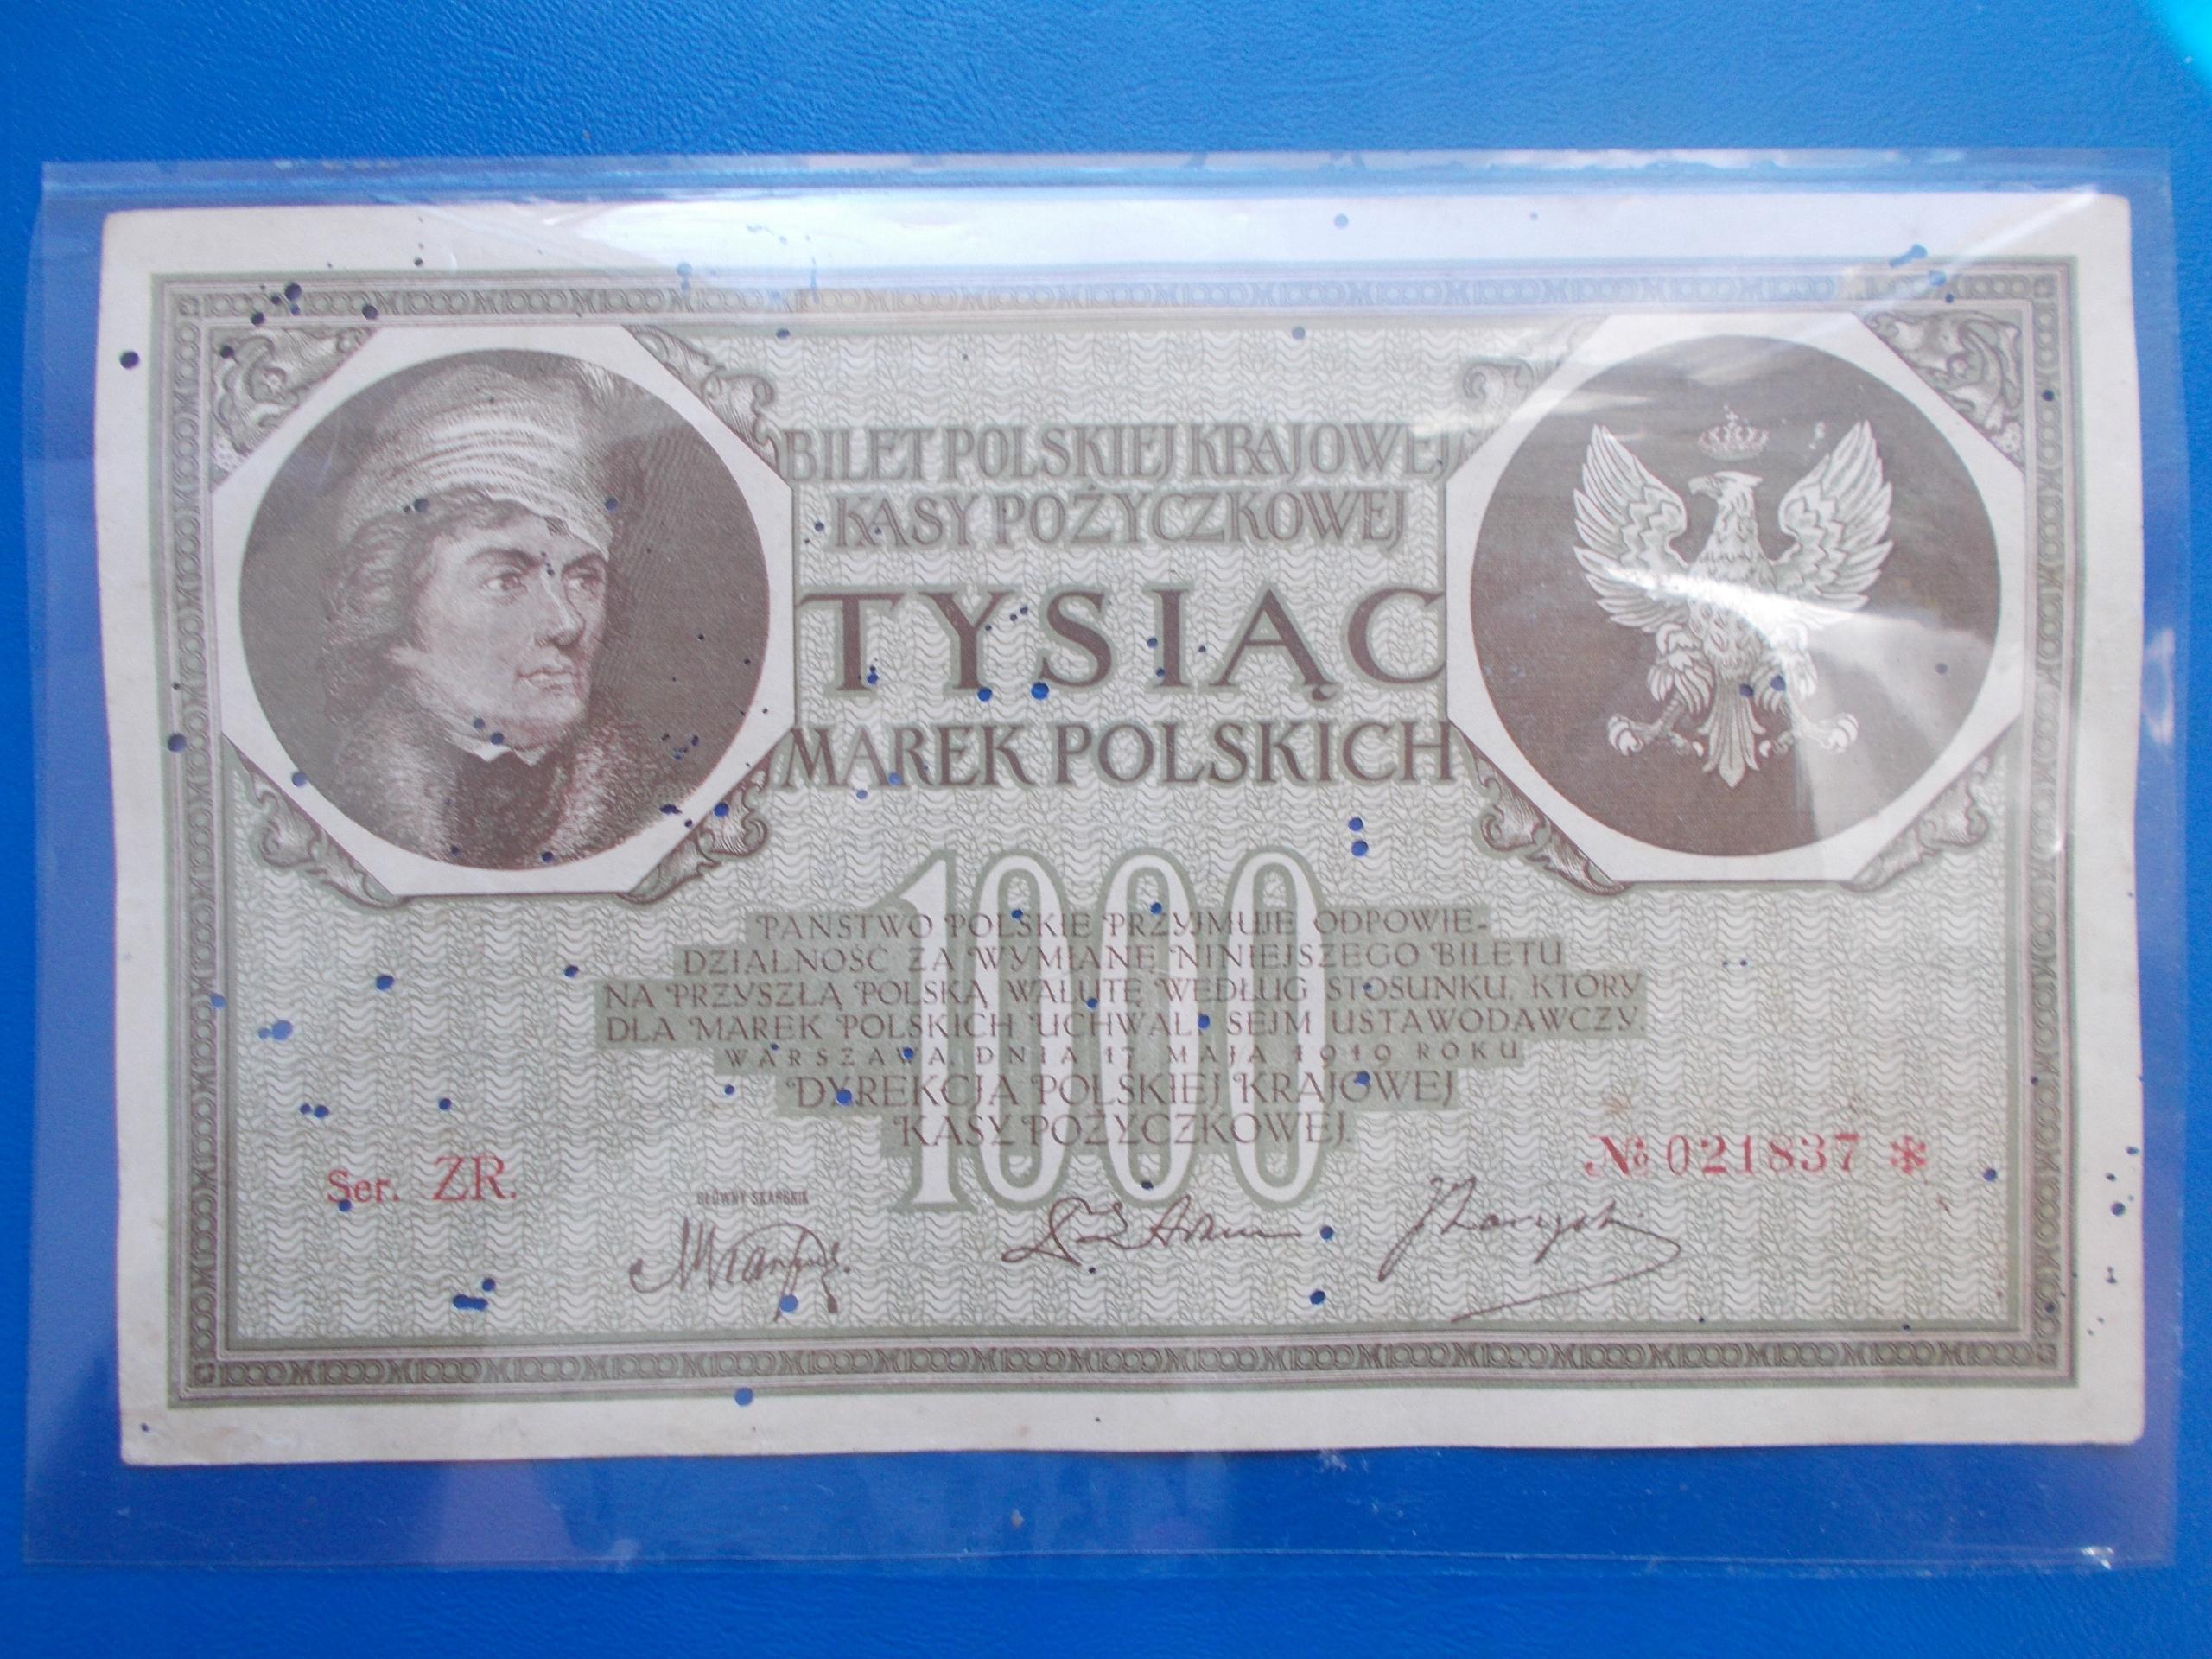 1 000 MAREK POLSKICH-1919-Mił.22-Ser.ZR